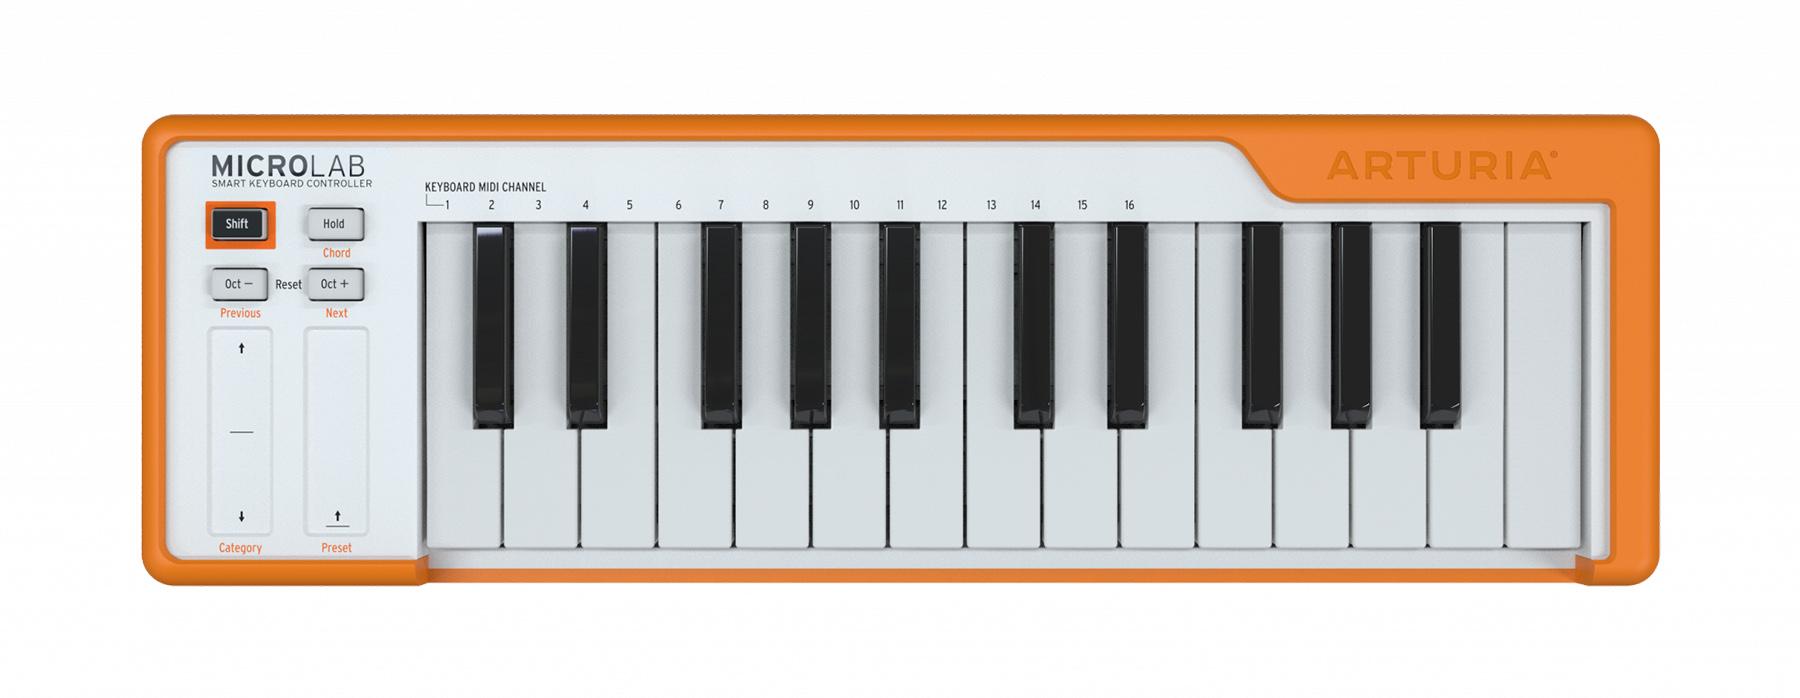 Arturia veröffentlicht MIDI-Keyboard MicroLab